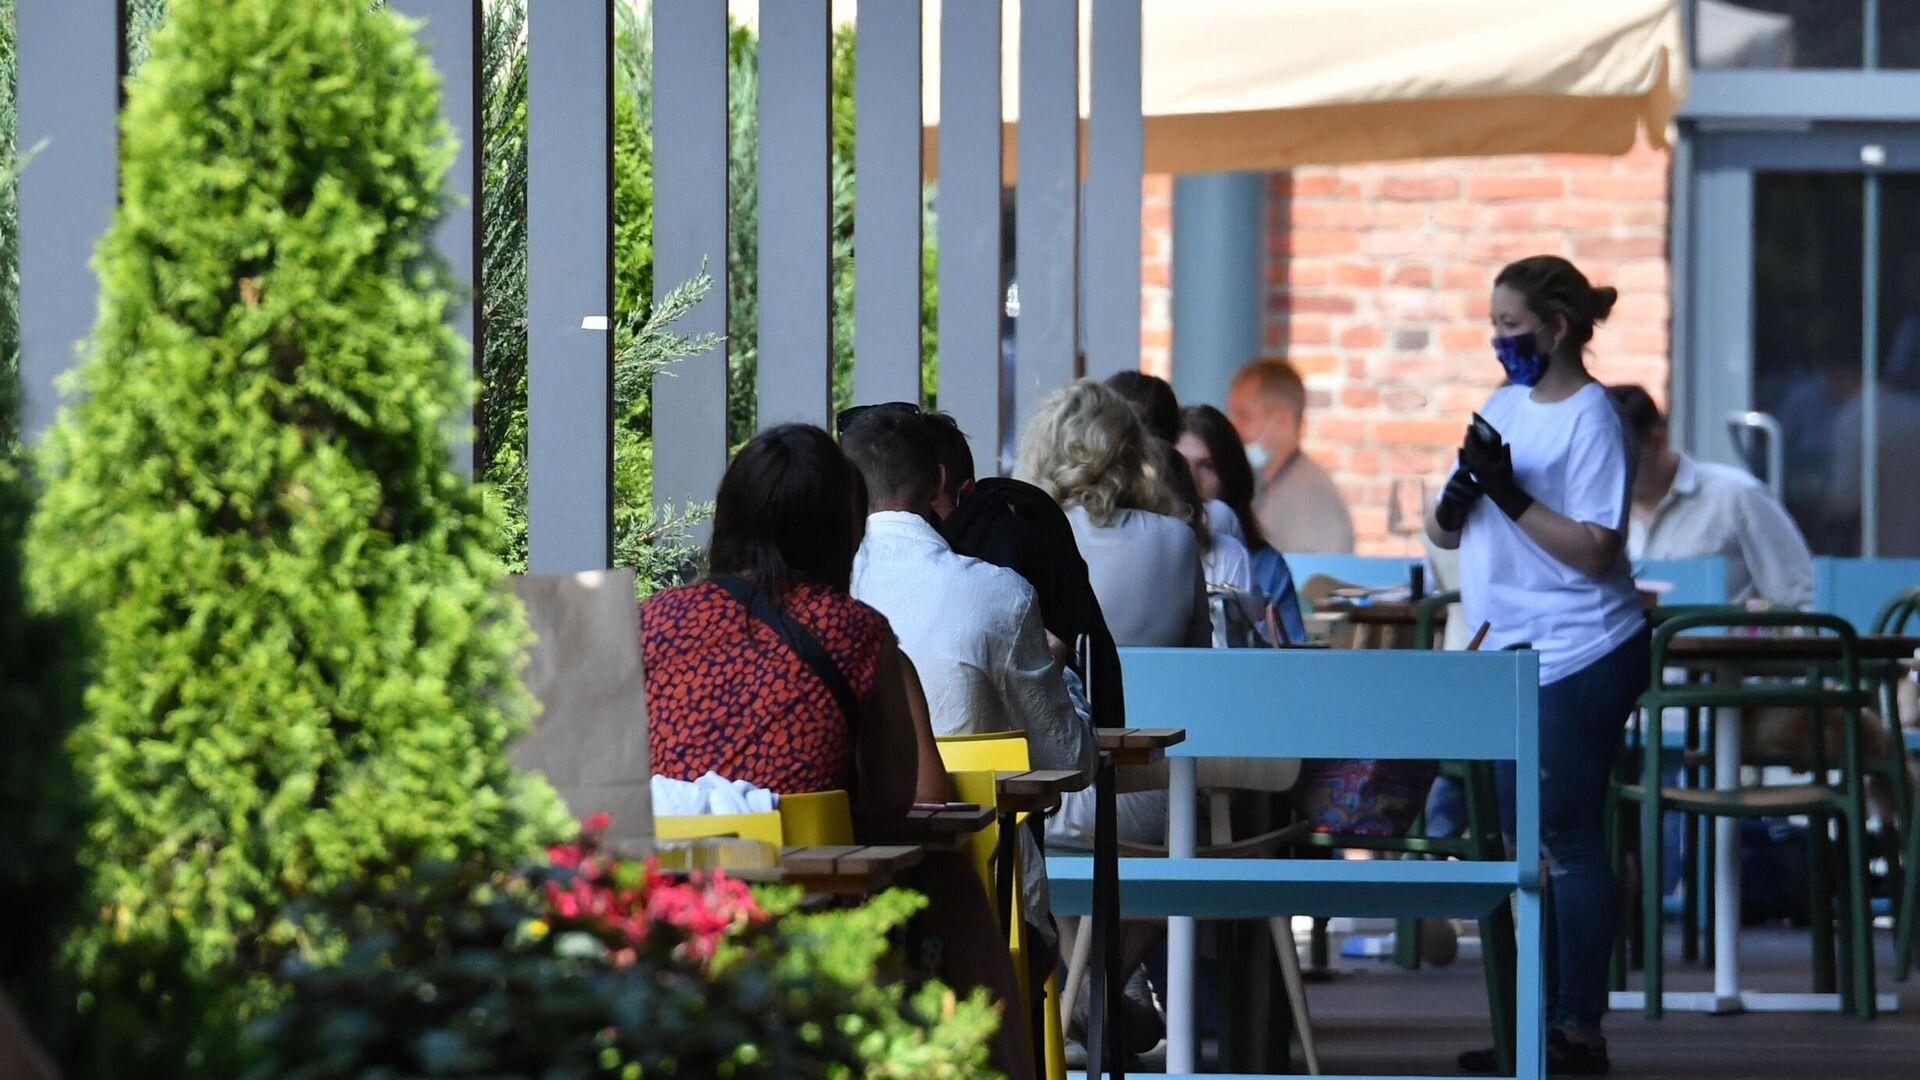 Посетители на летней веранде, расположенной на территории фудмолла Депо. Москва - РИА Новости, 1920, 12.06.2021